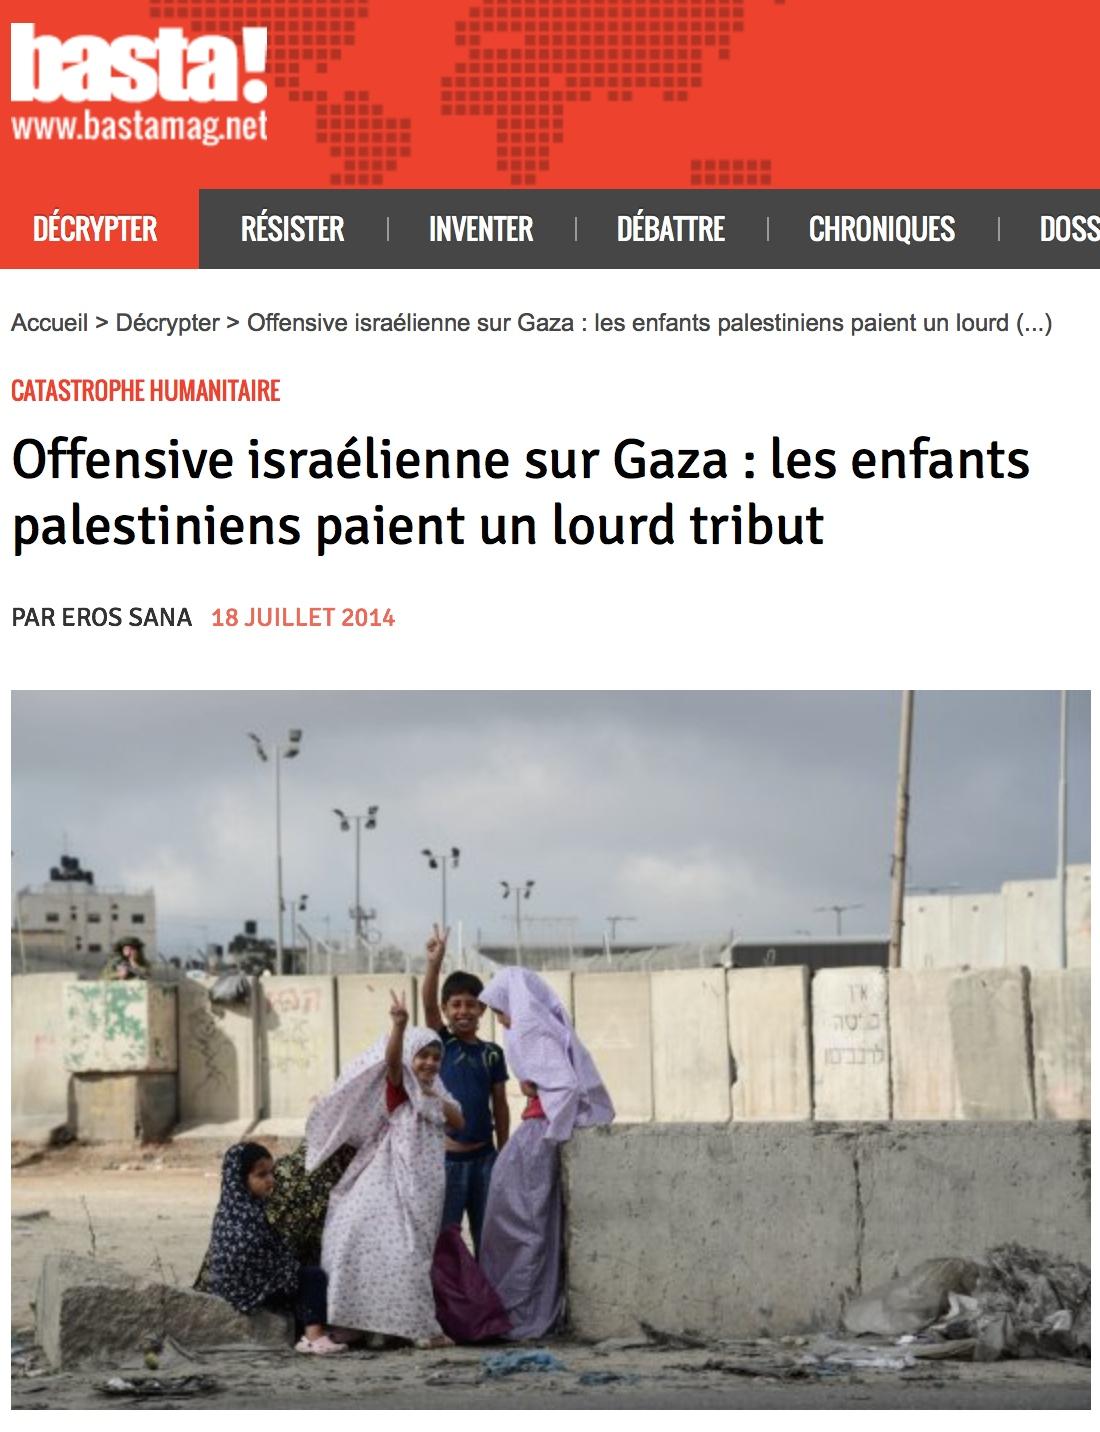 Offensive israélienne sur Gaza